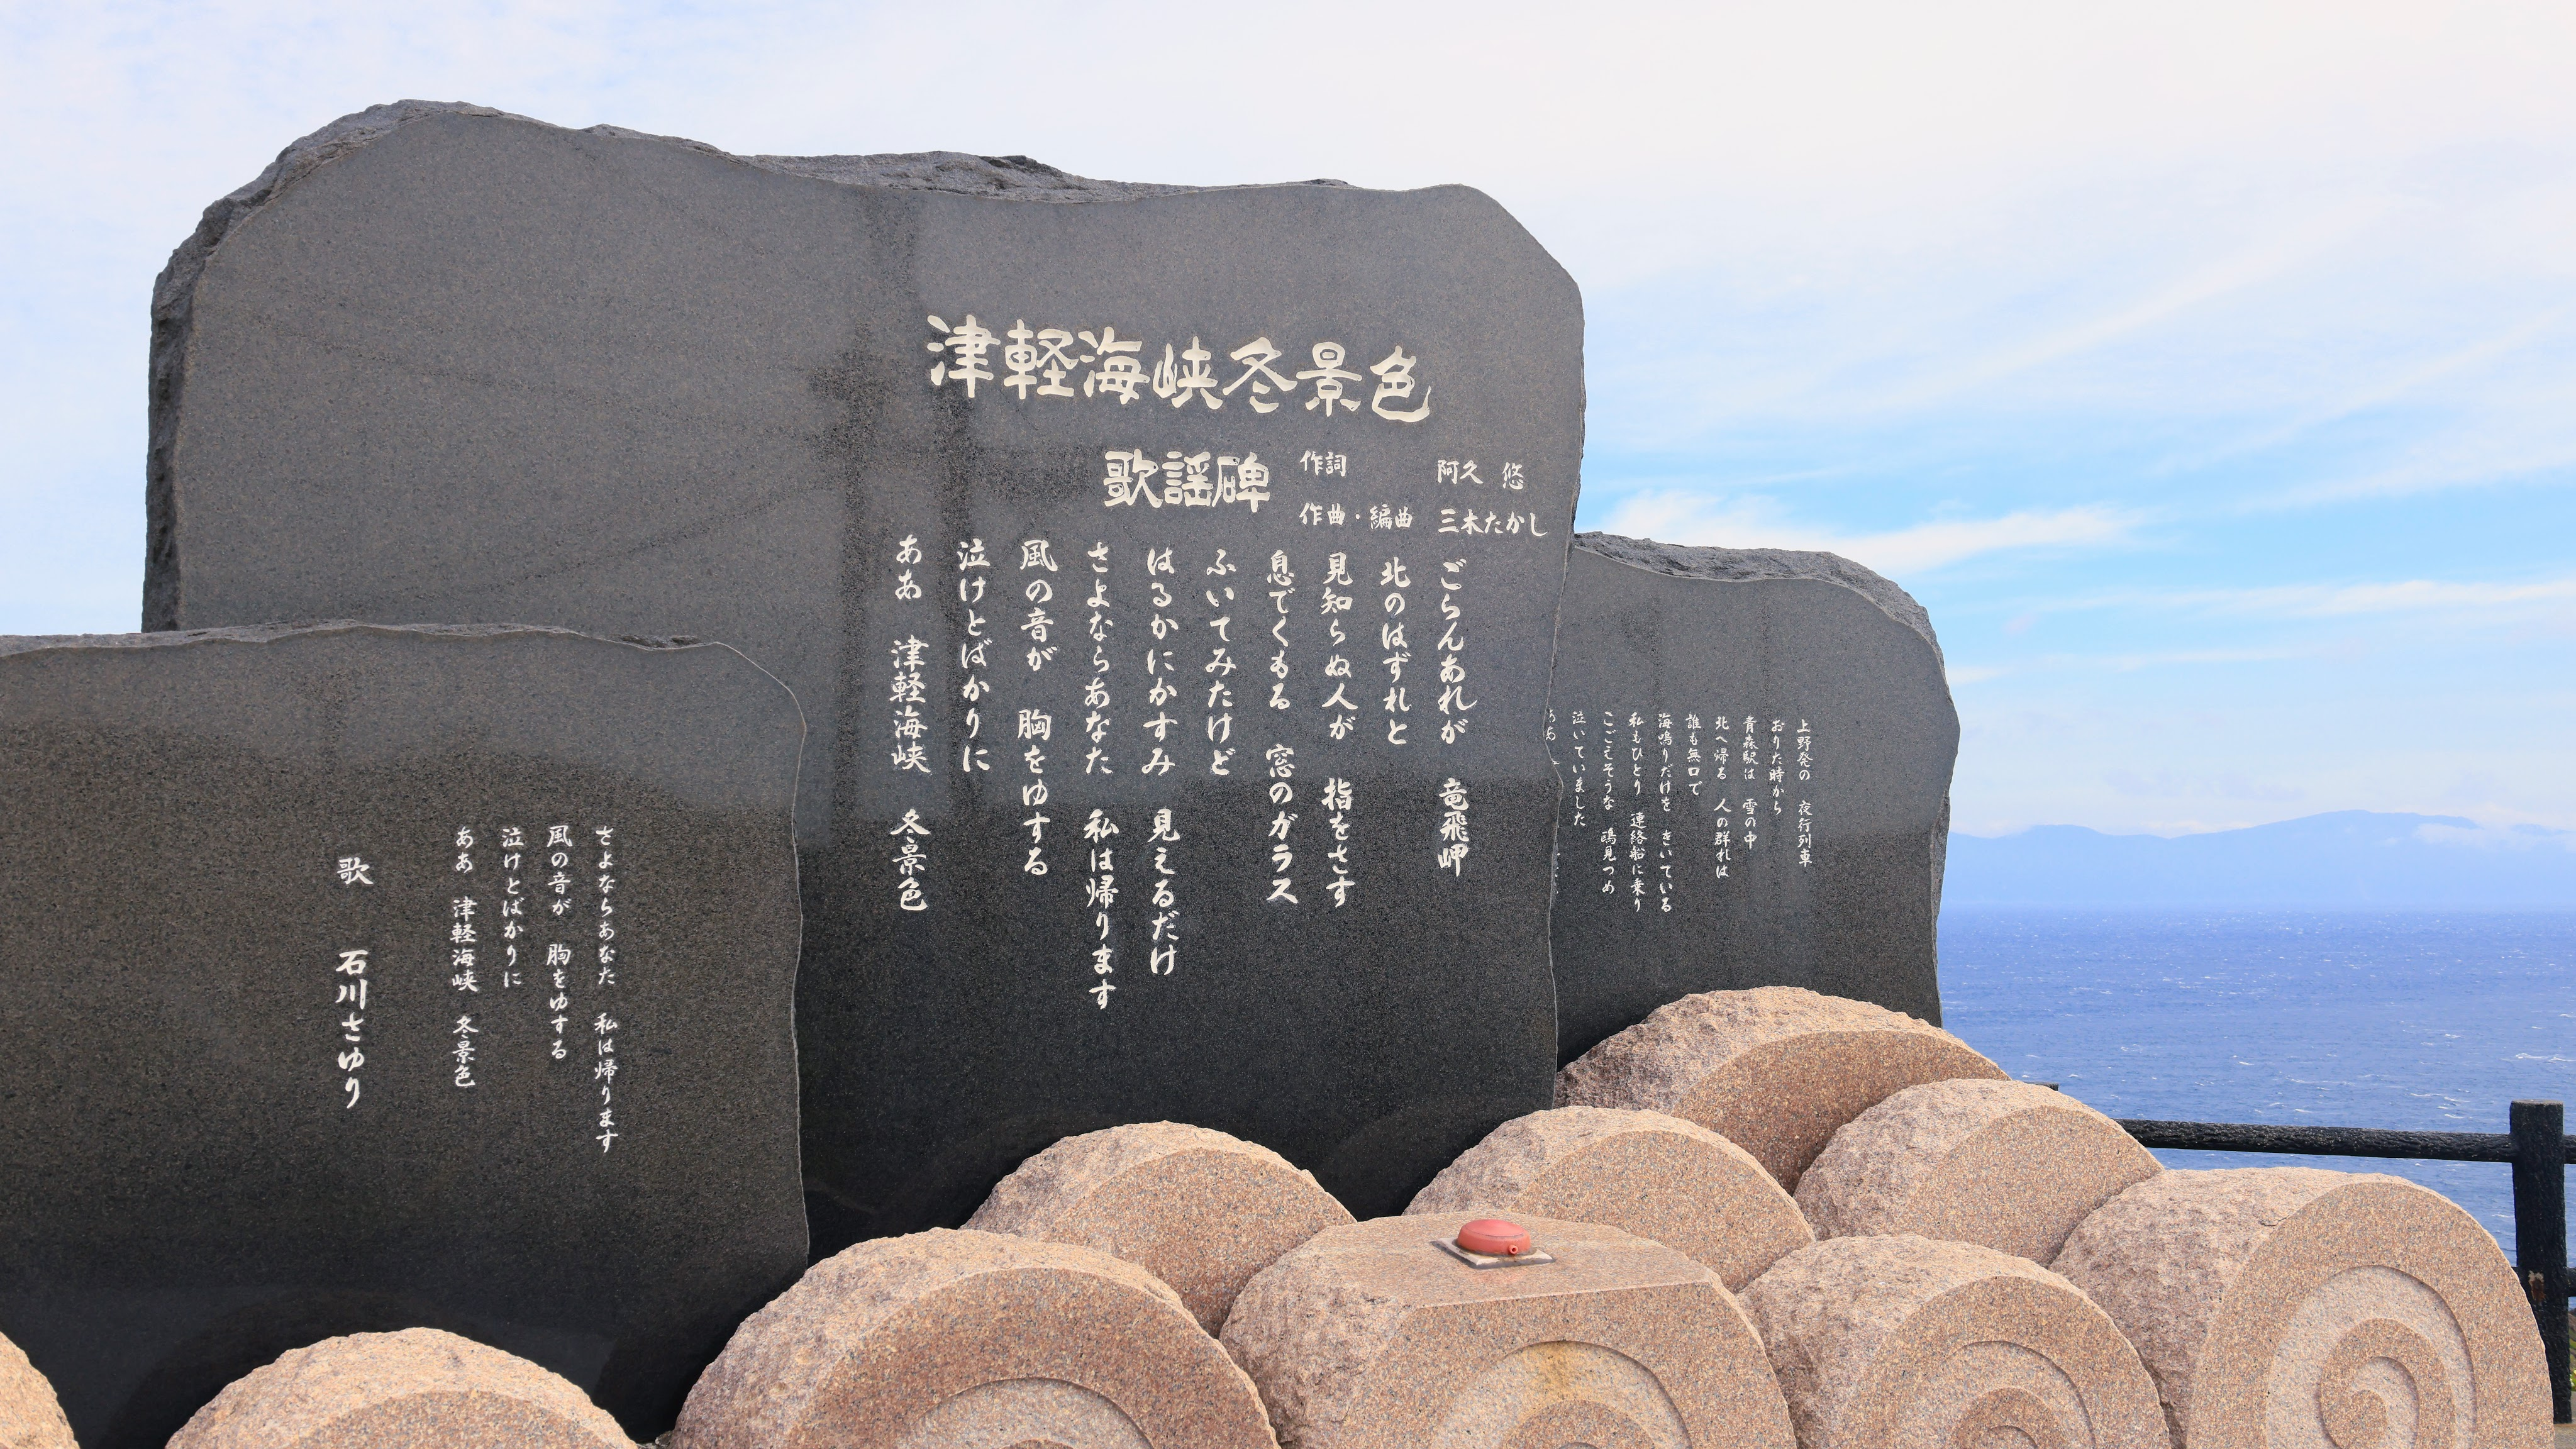 津軽海峡冬景色の歌碑・モニュメント